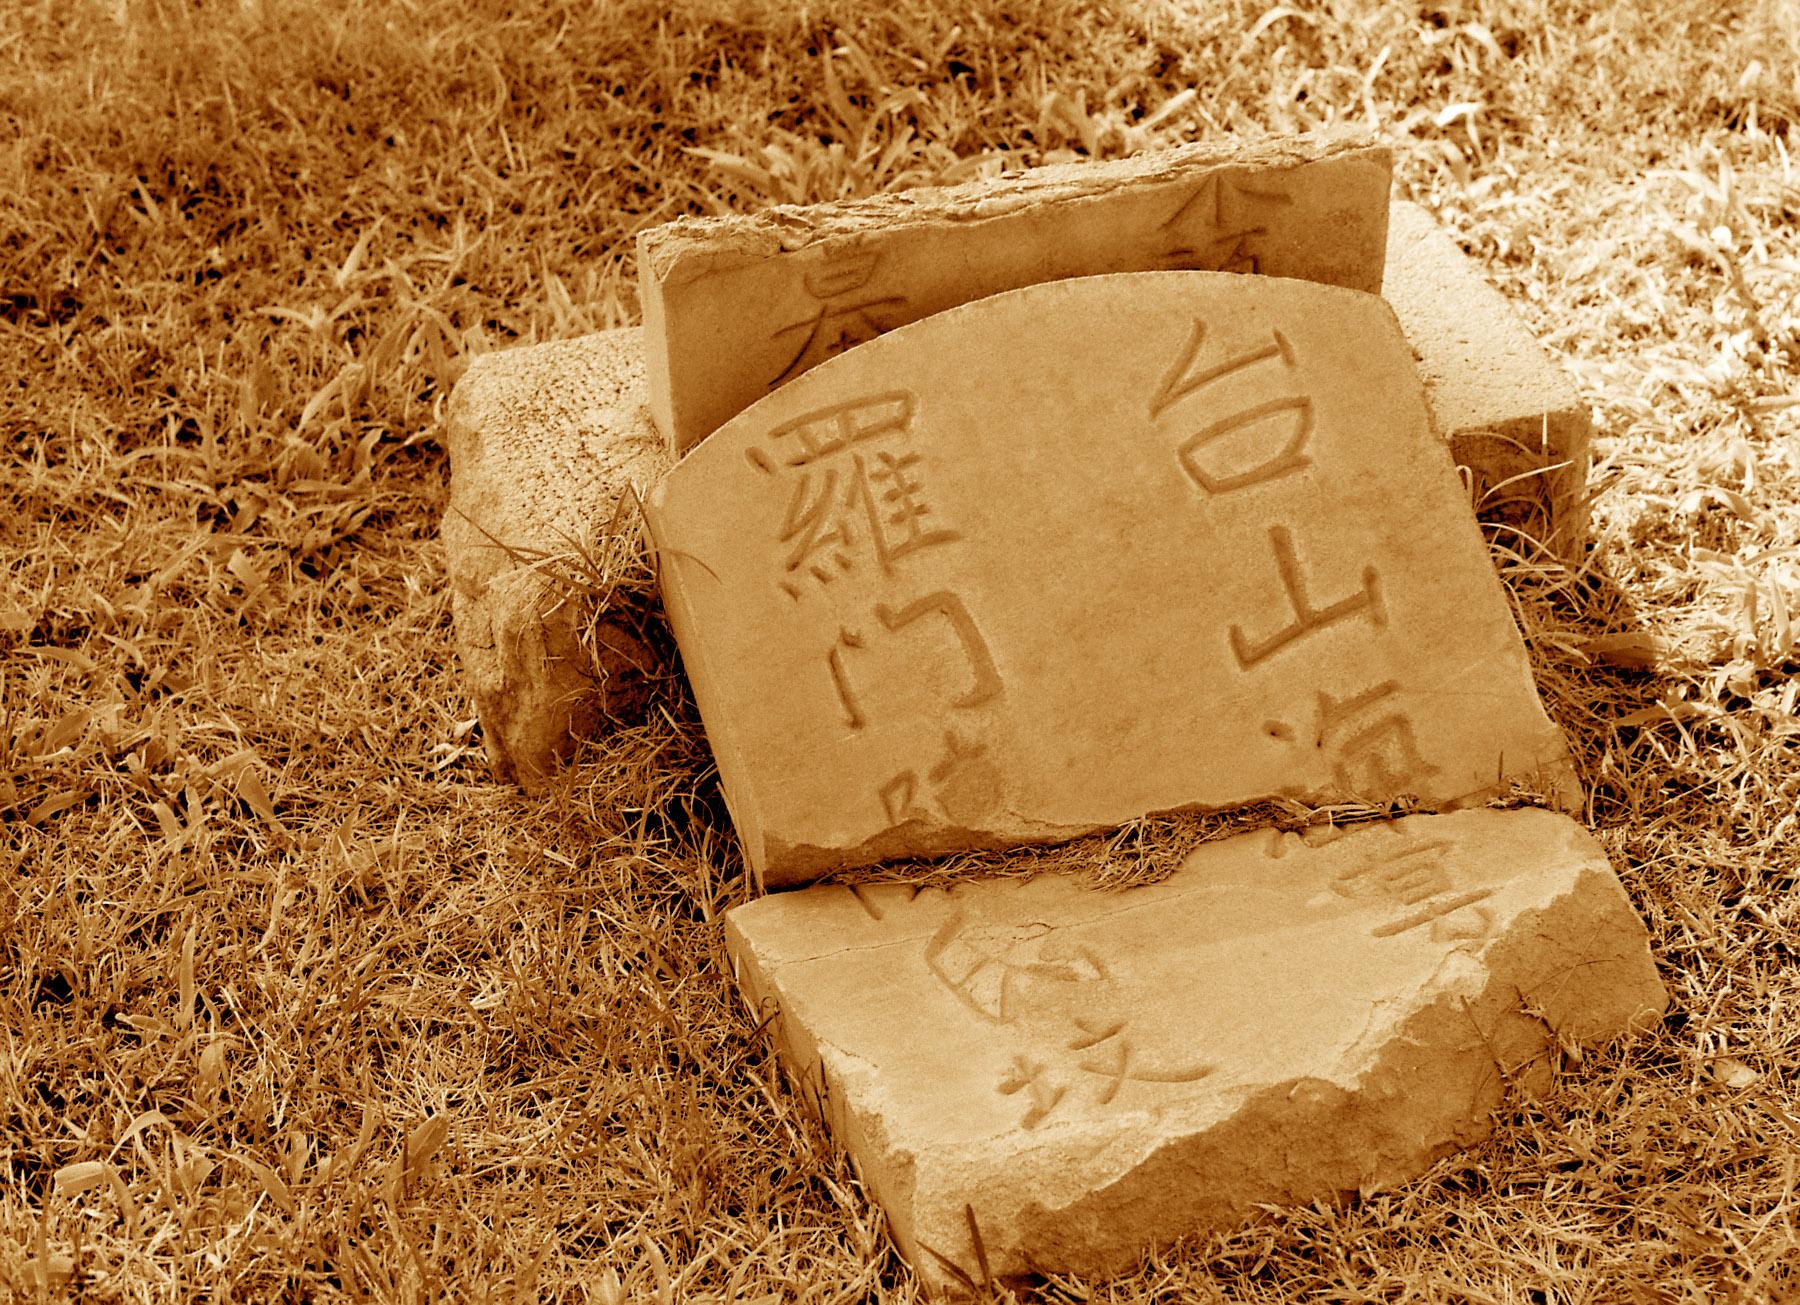 phx-shattered-kanji-no-2